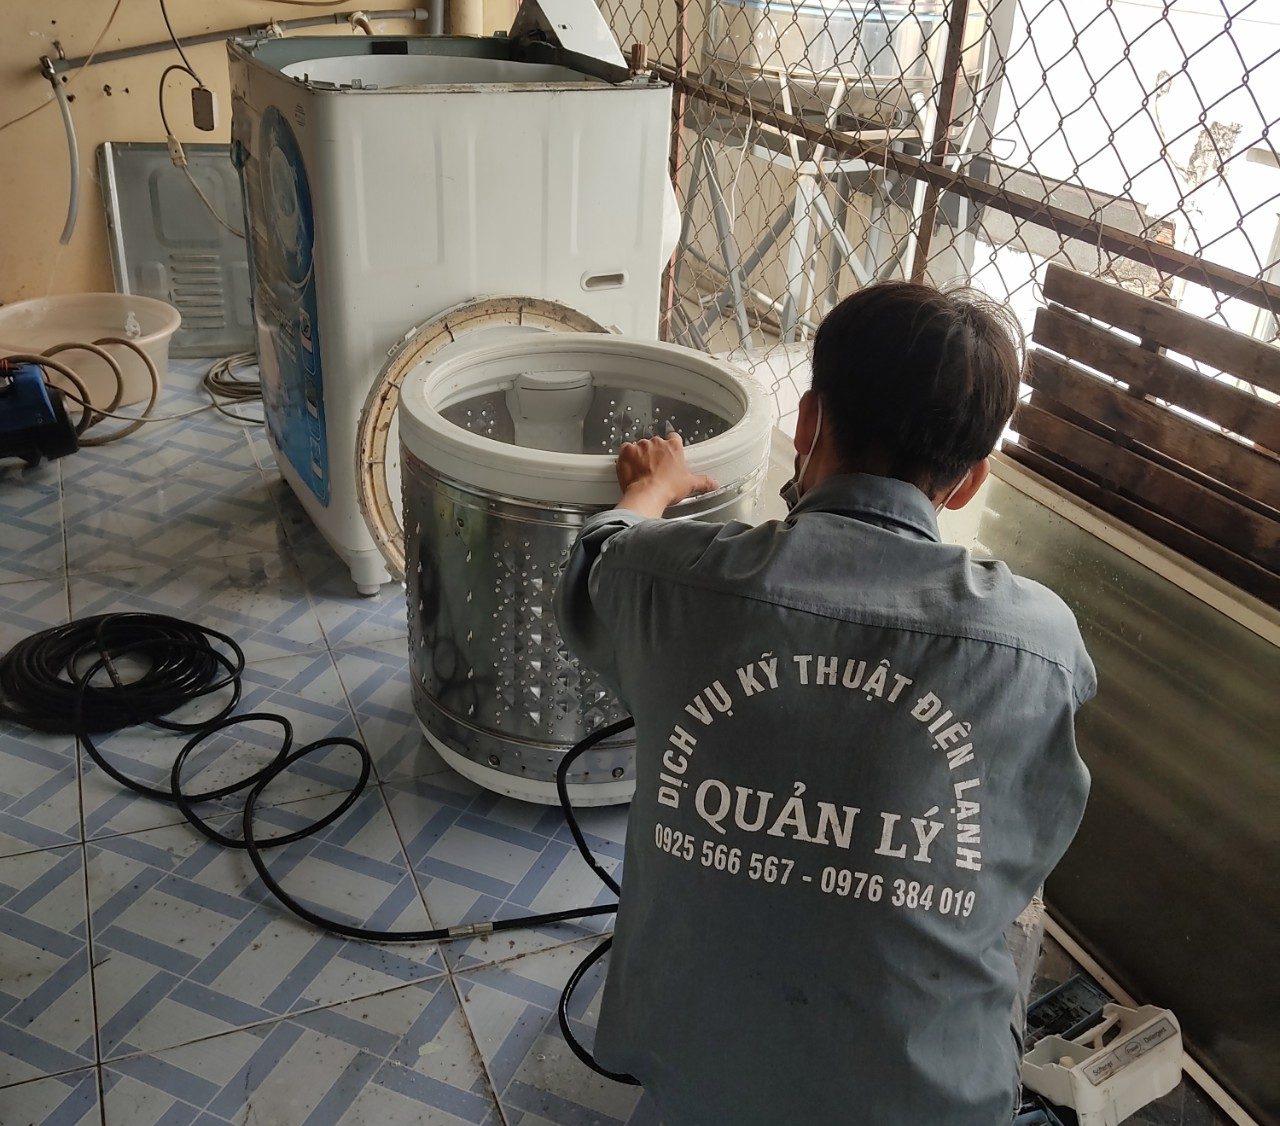 Quy trình sửa máy giặt tại quận 3 chuyên nghiệp